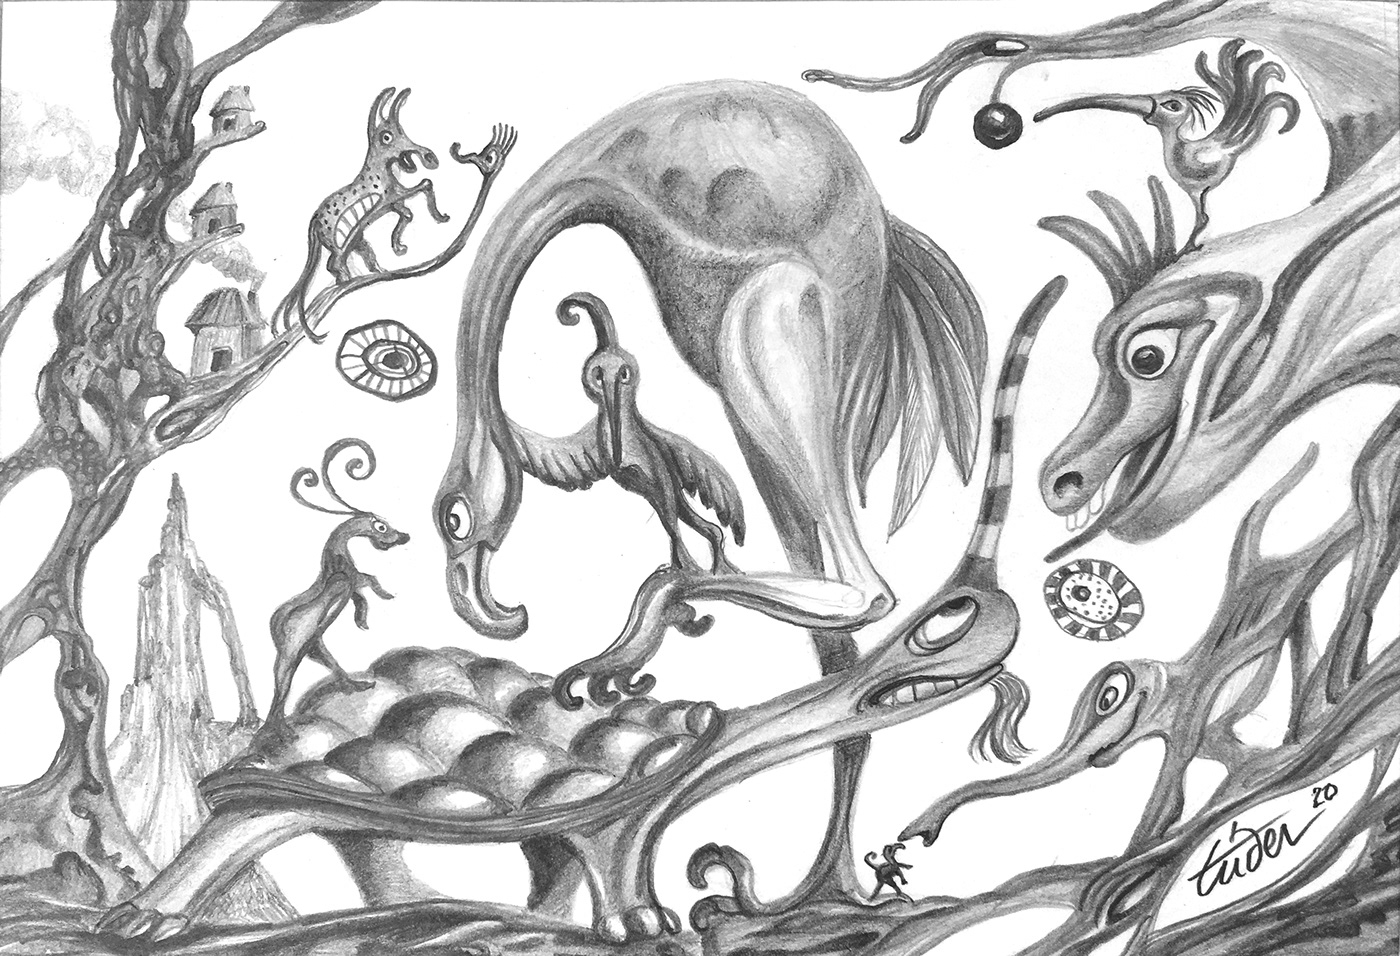 crayon dessin ILLUSTRATION  imaginaire noir et blanc Surrealisme surrealiste animaux imaginaires Dessin au crayon paysage imaginaires